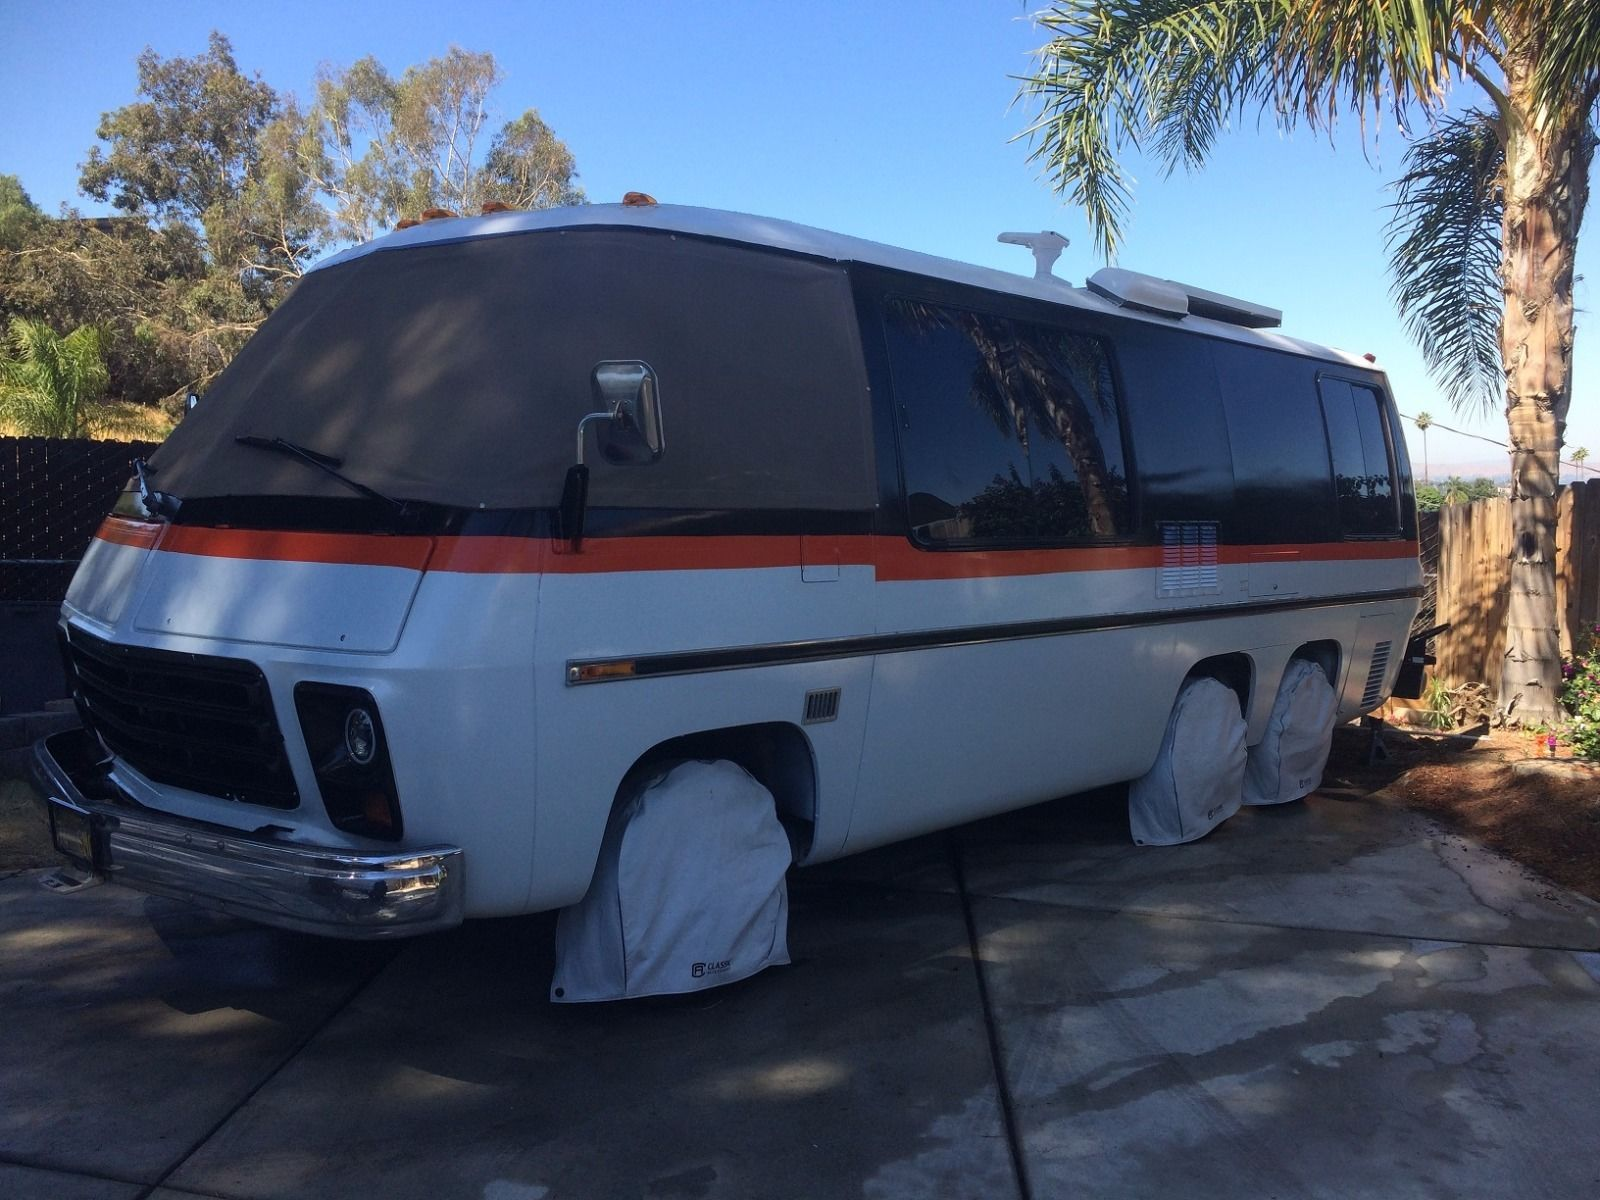 Vintage 1974 GMC CanyonLands camper for sale